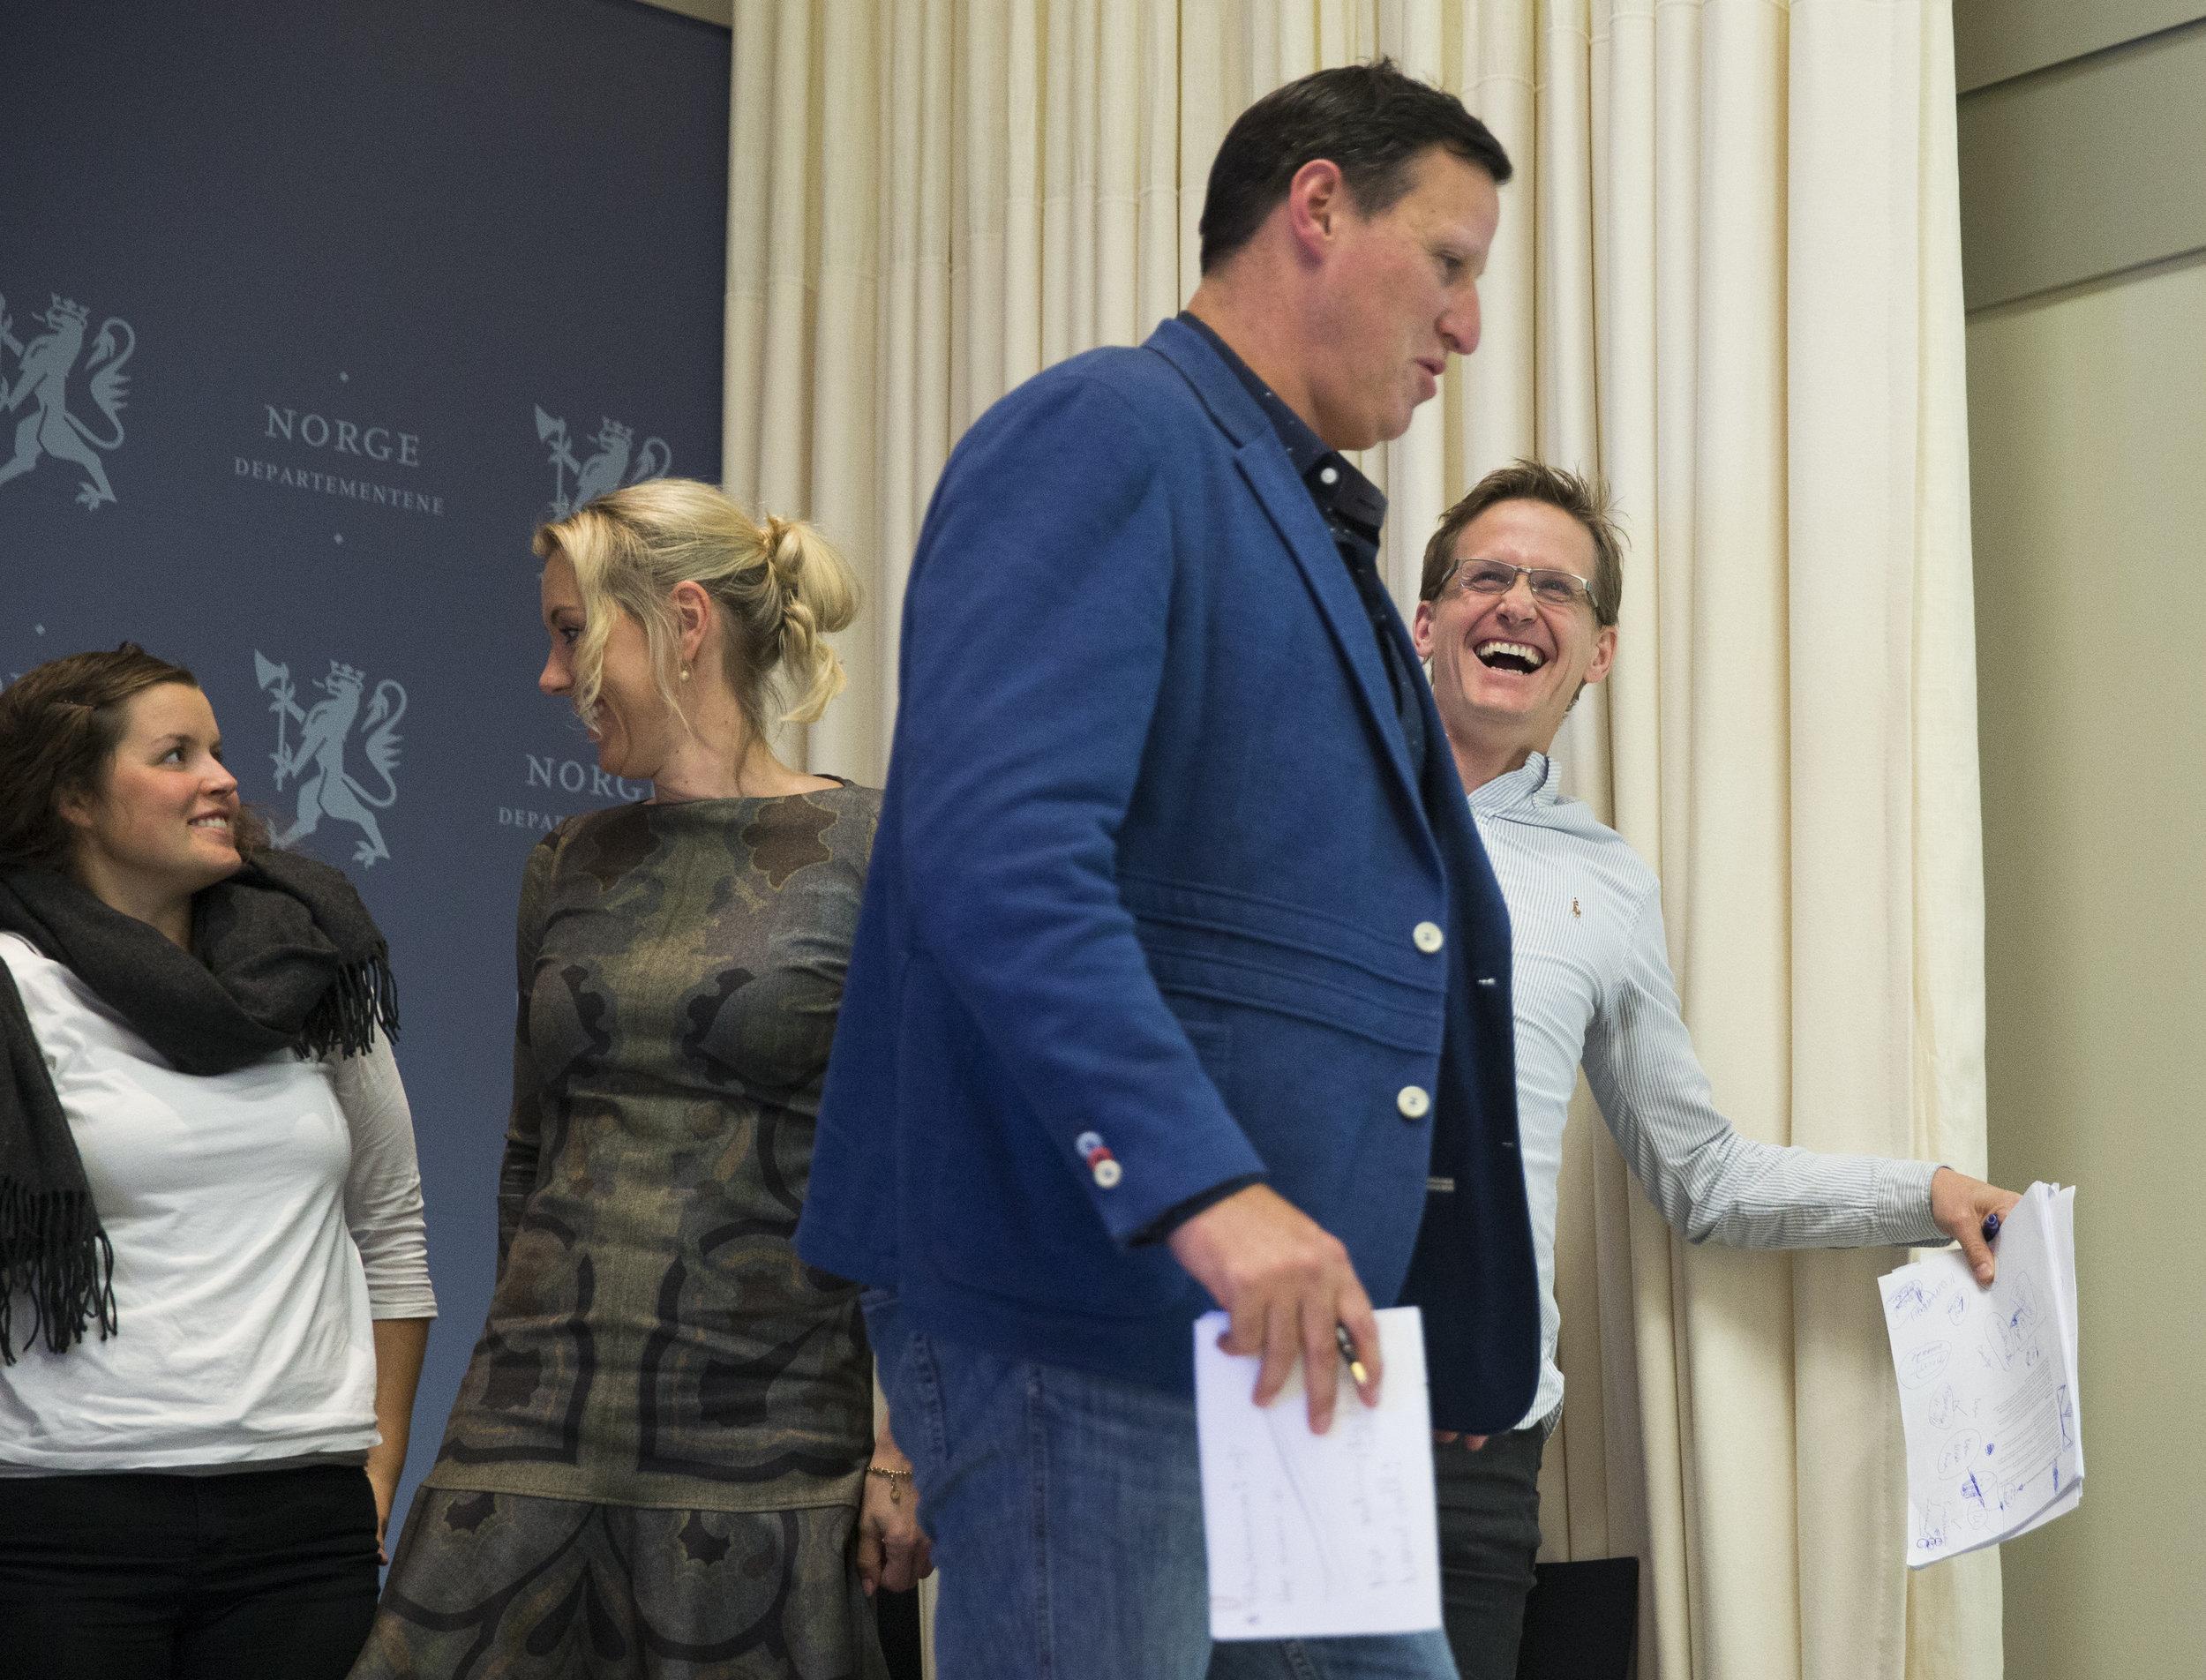 Idrettspresident Tom Tvedt og VG-kommentatot Leif Welhaven har hatt mange diskusjoner. Her er de i åpenbart godlune. FOTO: Berit Roald/NTB scanpix